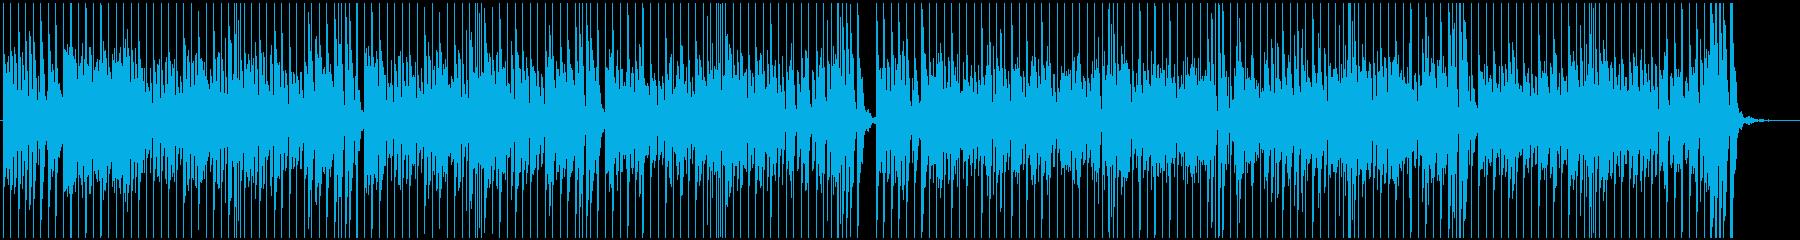 リズミカルで元気なBGMの再生済みの波形